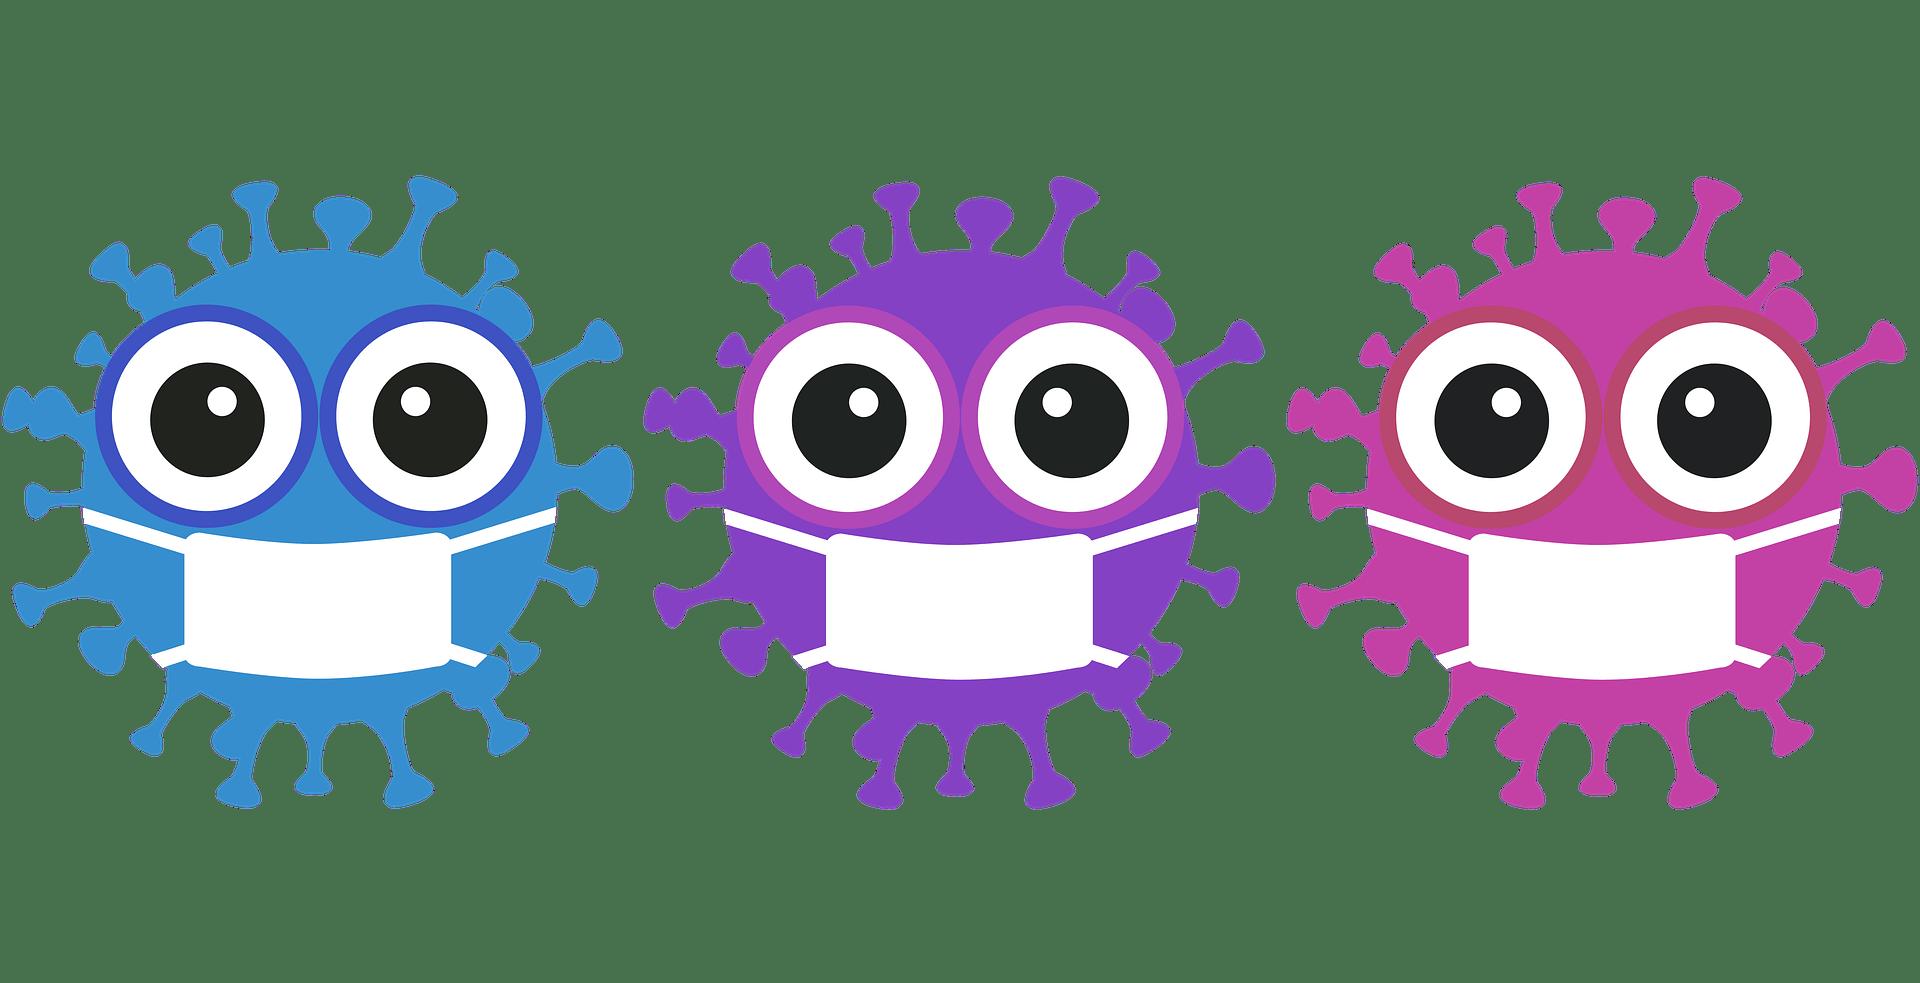 Pandemic, Coronavirus